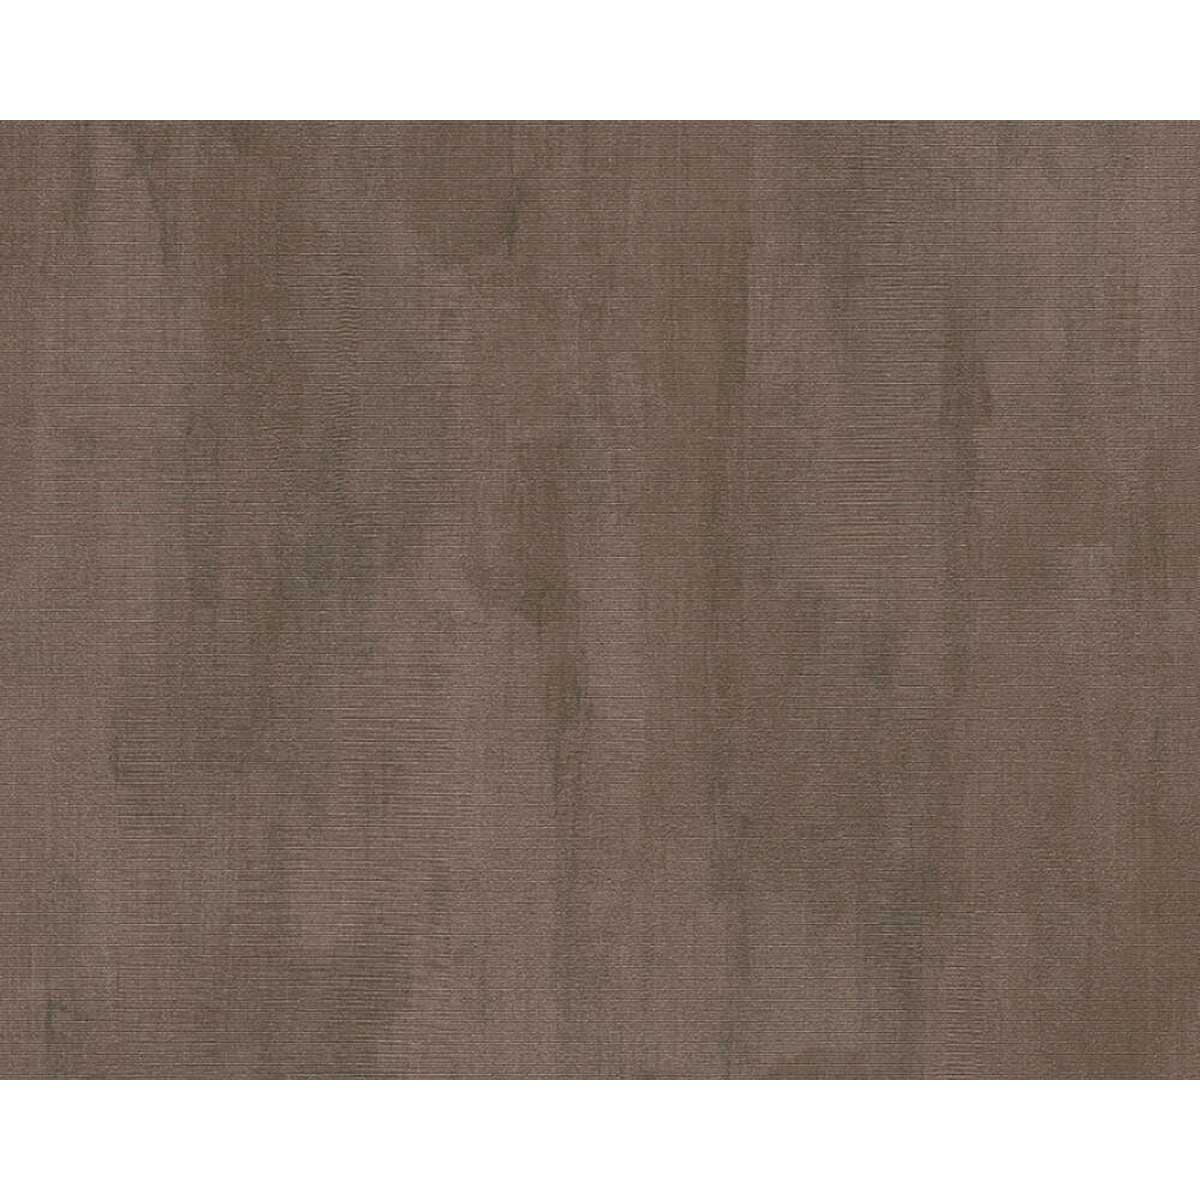 Papier peint uni effet marbré et délavé - Brun - 10 ml x 0,53 m